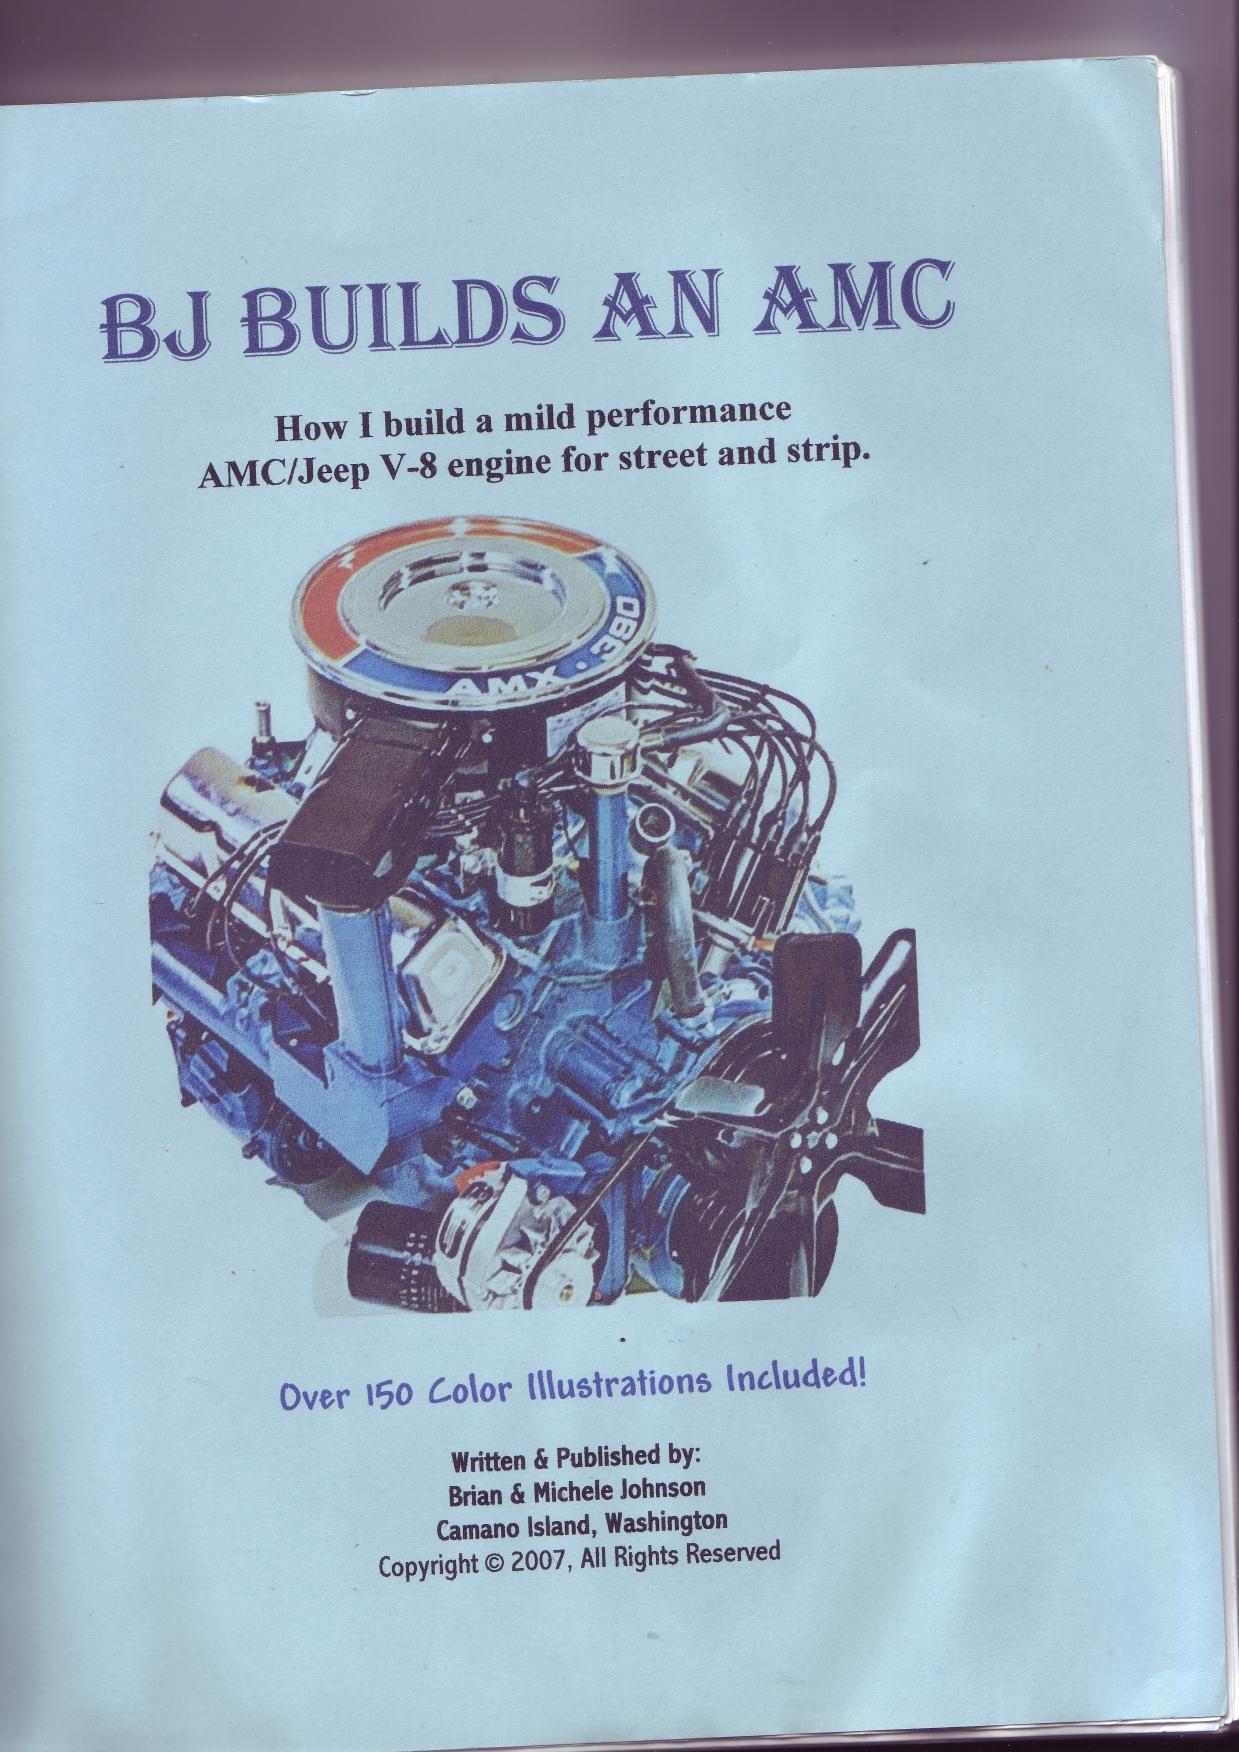 Durite Avia dans V8 Bjbuildsanamc0001